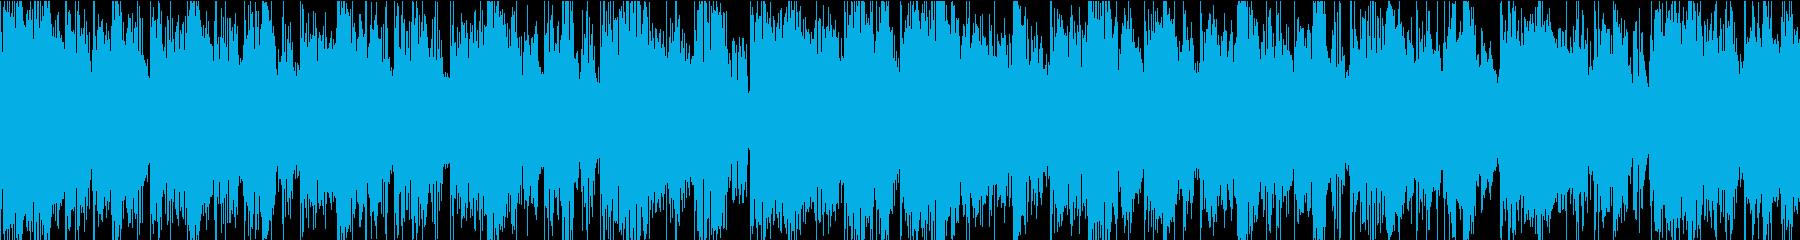 クラシックなサザンロック。ラフで未...の再生済みの波形